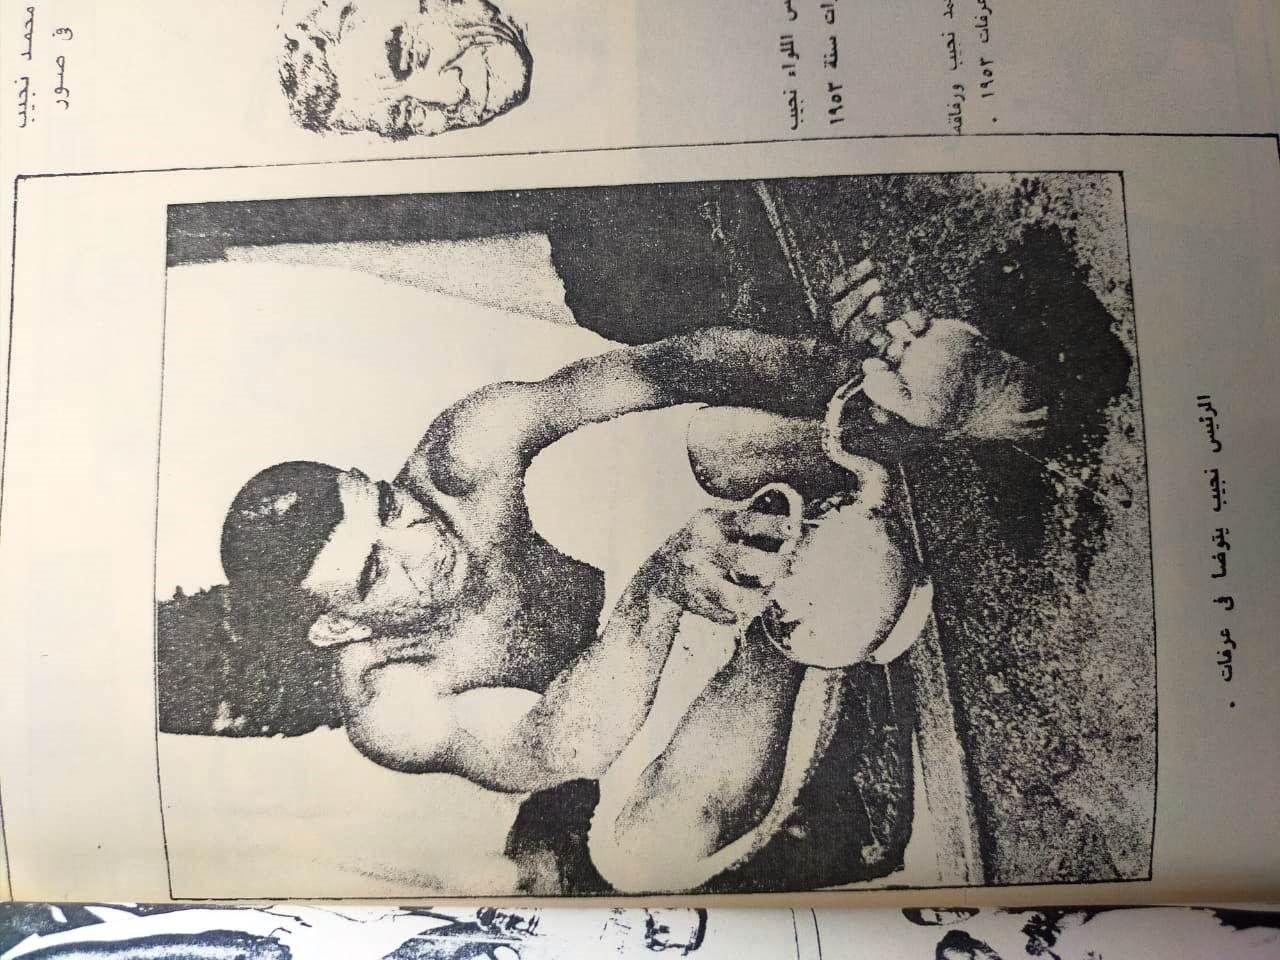 الرئيس محمد نجيب يتوضأ فى عرفات